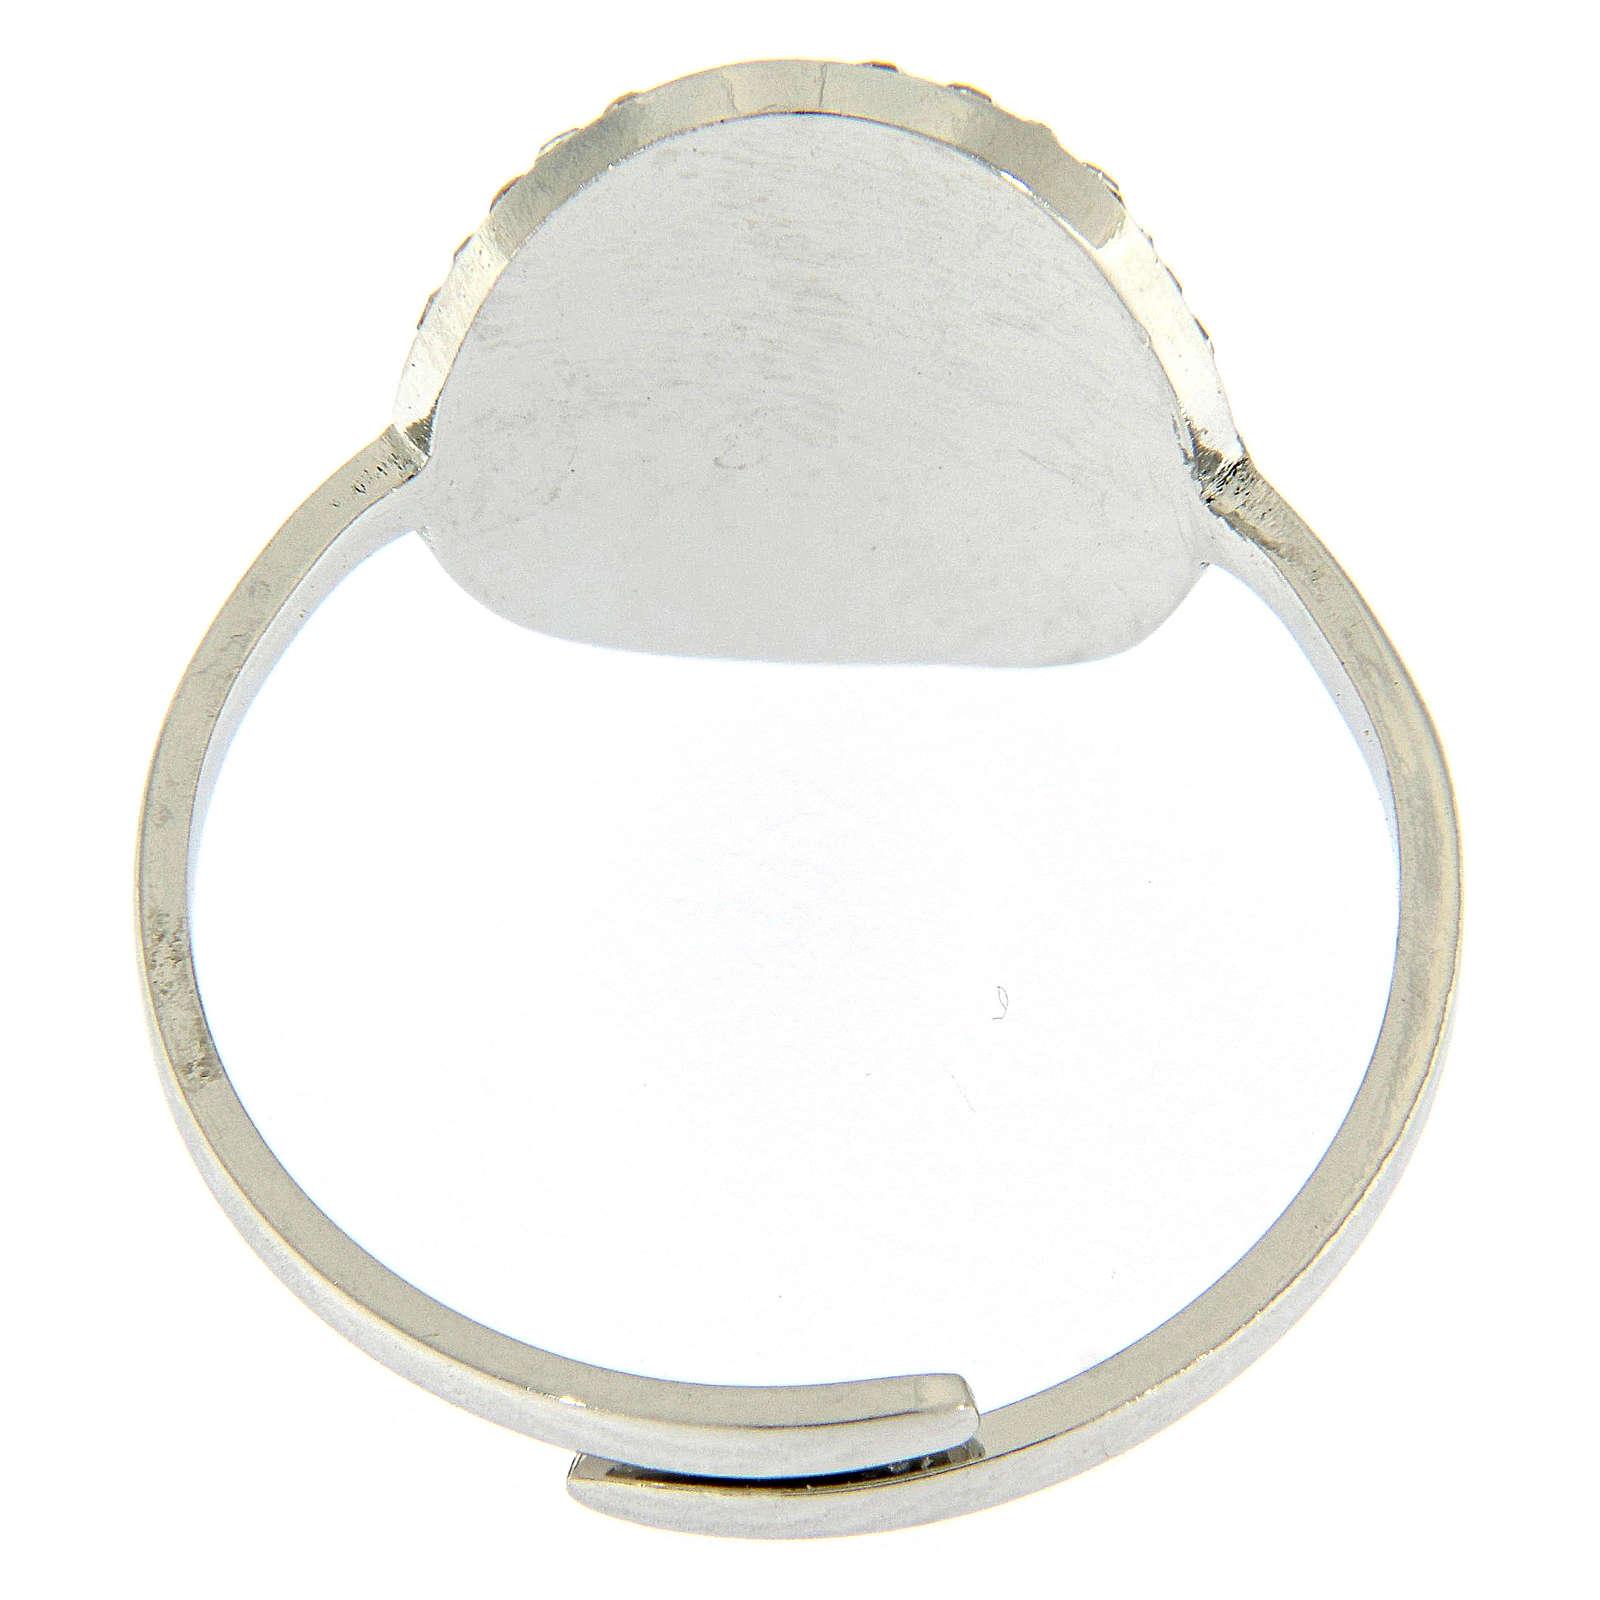 Bague Medjogorje acier argenté croix sur fond cristaux blancs 4